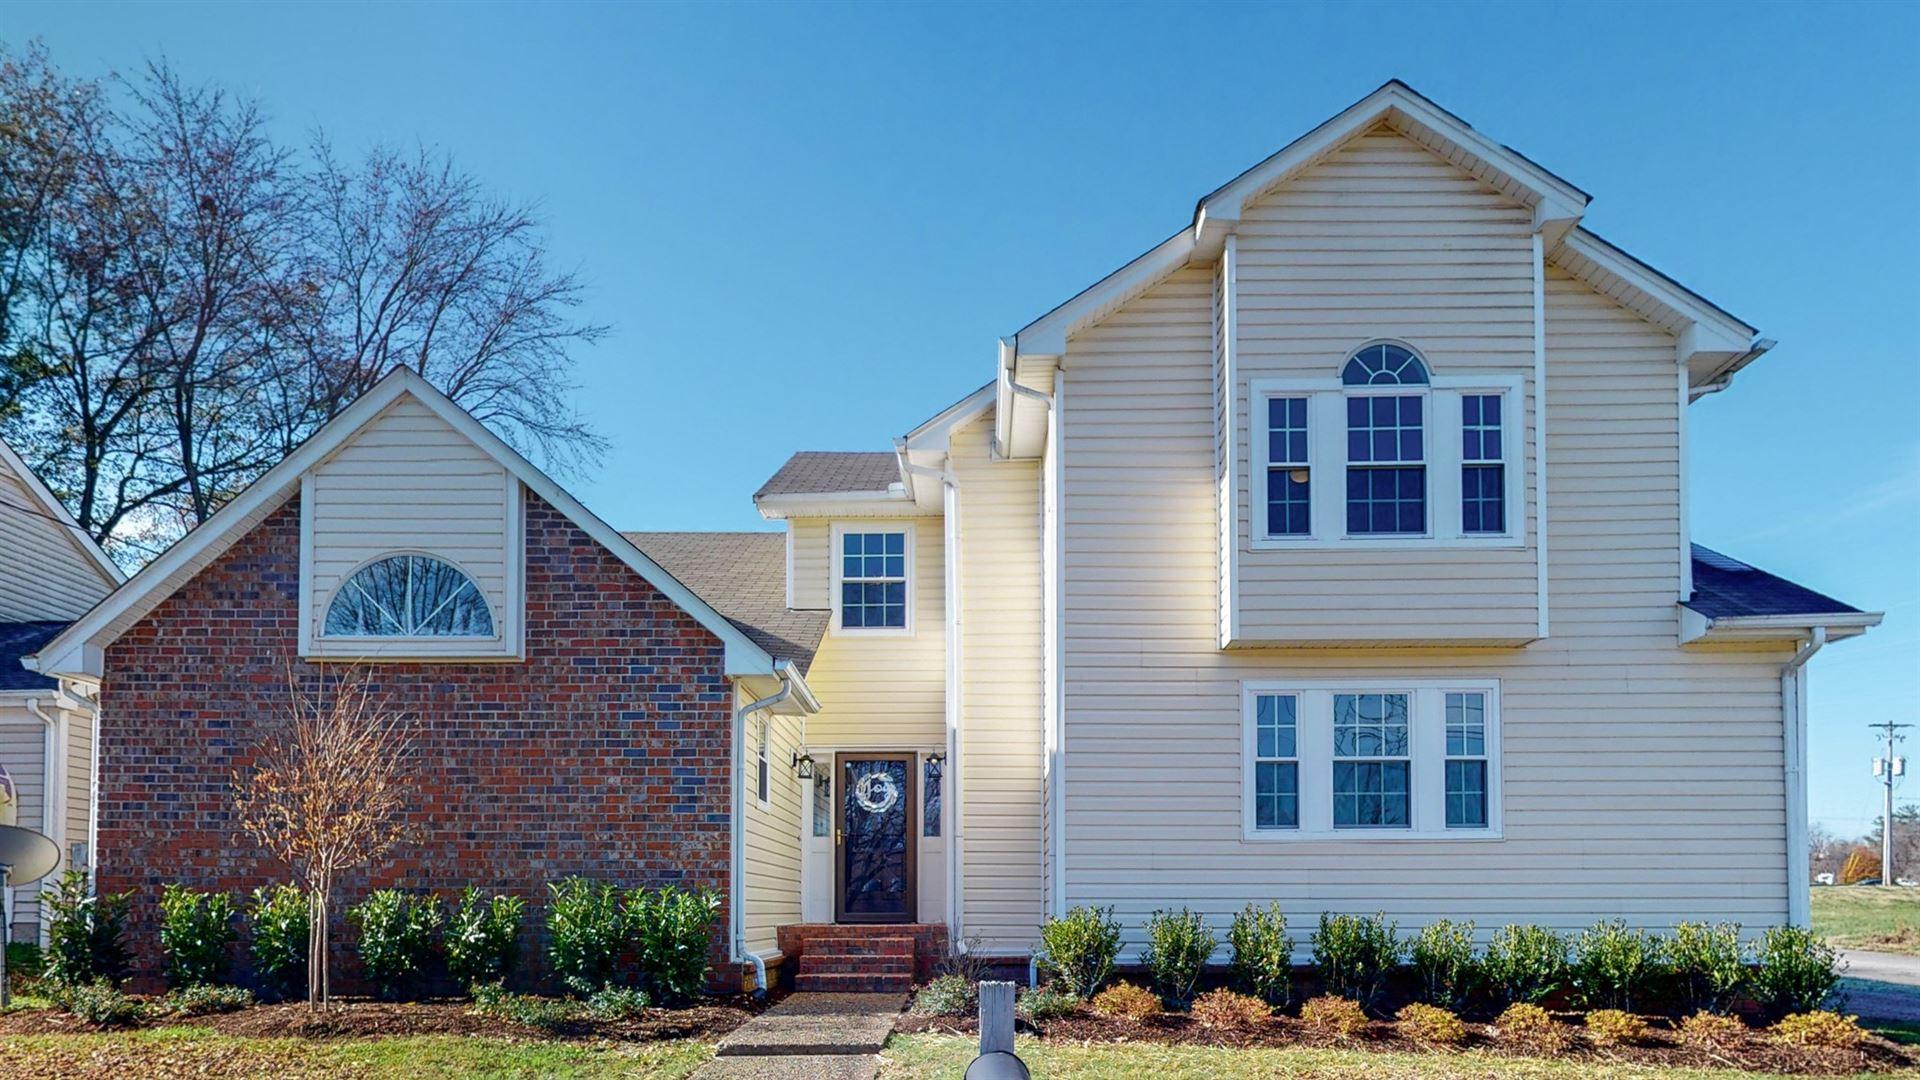 100 White Oak Ct, Hendersonville, TN 37075 - MLS#: 2210903